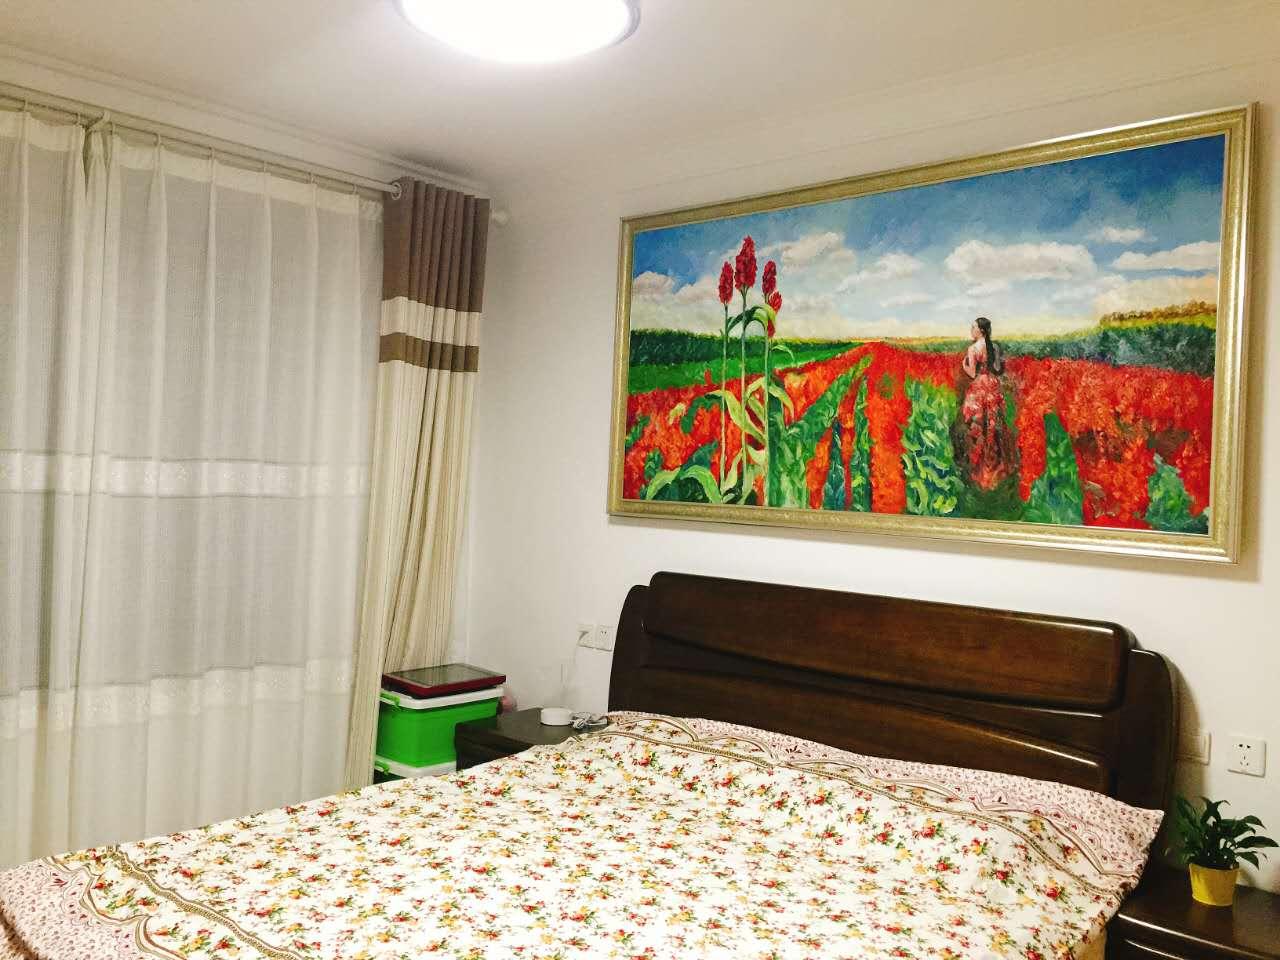 卧室里色彩艳丽的油画、家具,是欧式古典和简约中式的混搭,丰富了整个空间。